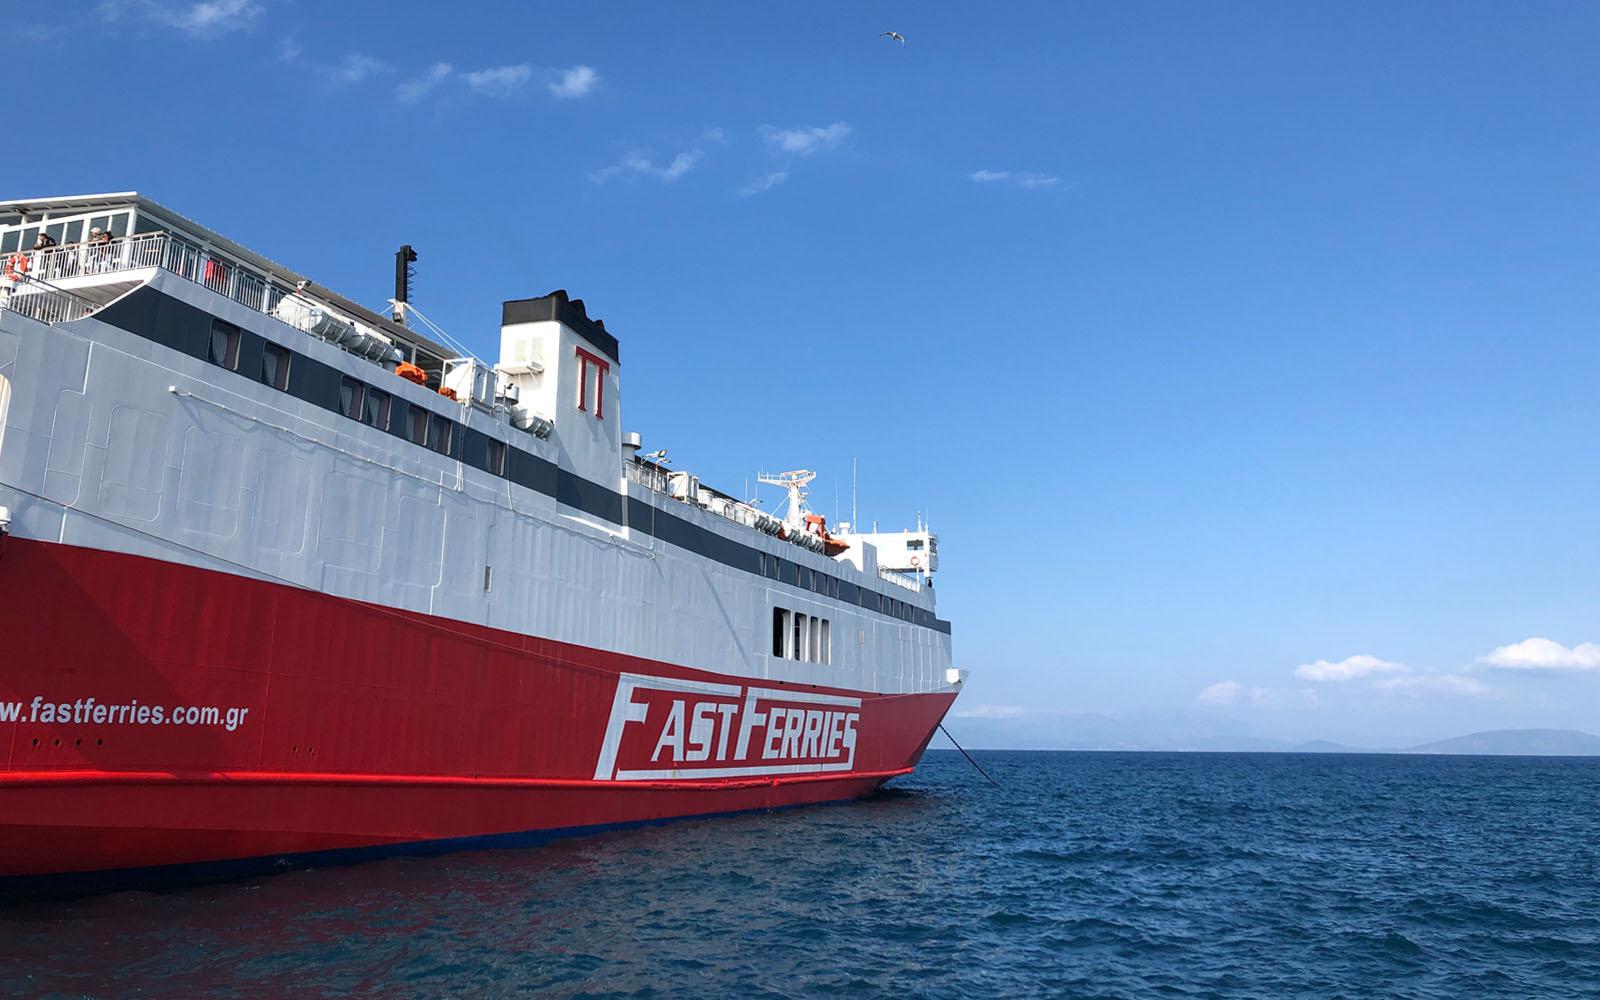 Il traghetto che mi ha portato da Atene all'isola di Andros, nelle Cicladi.